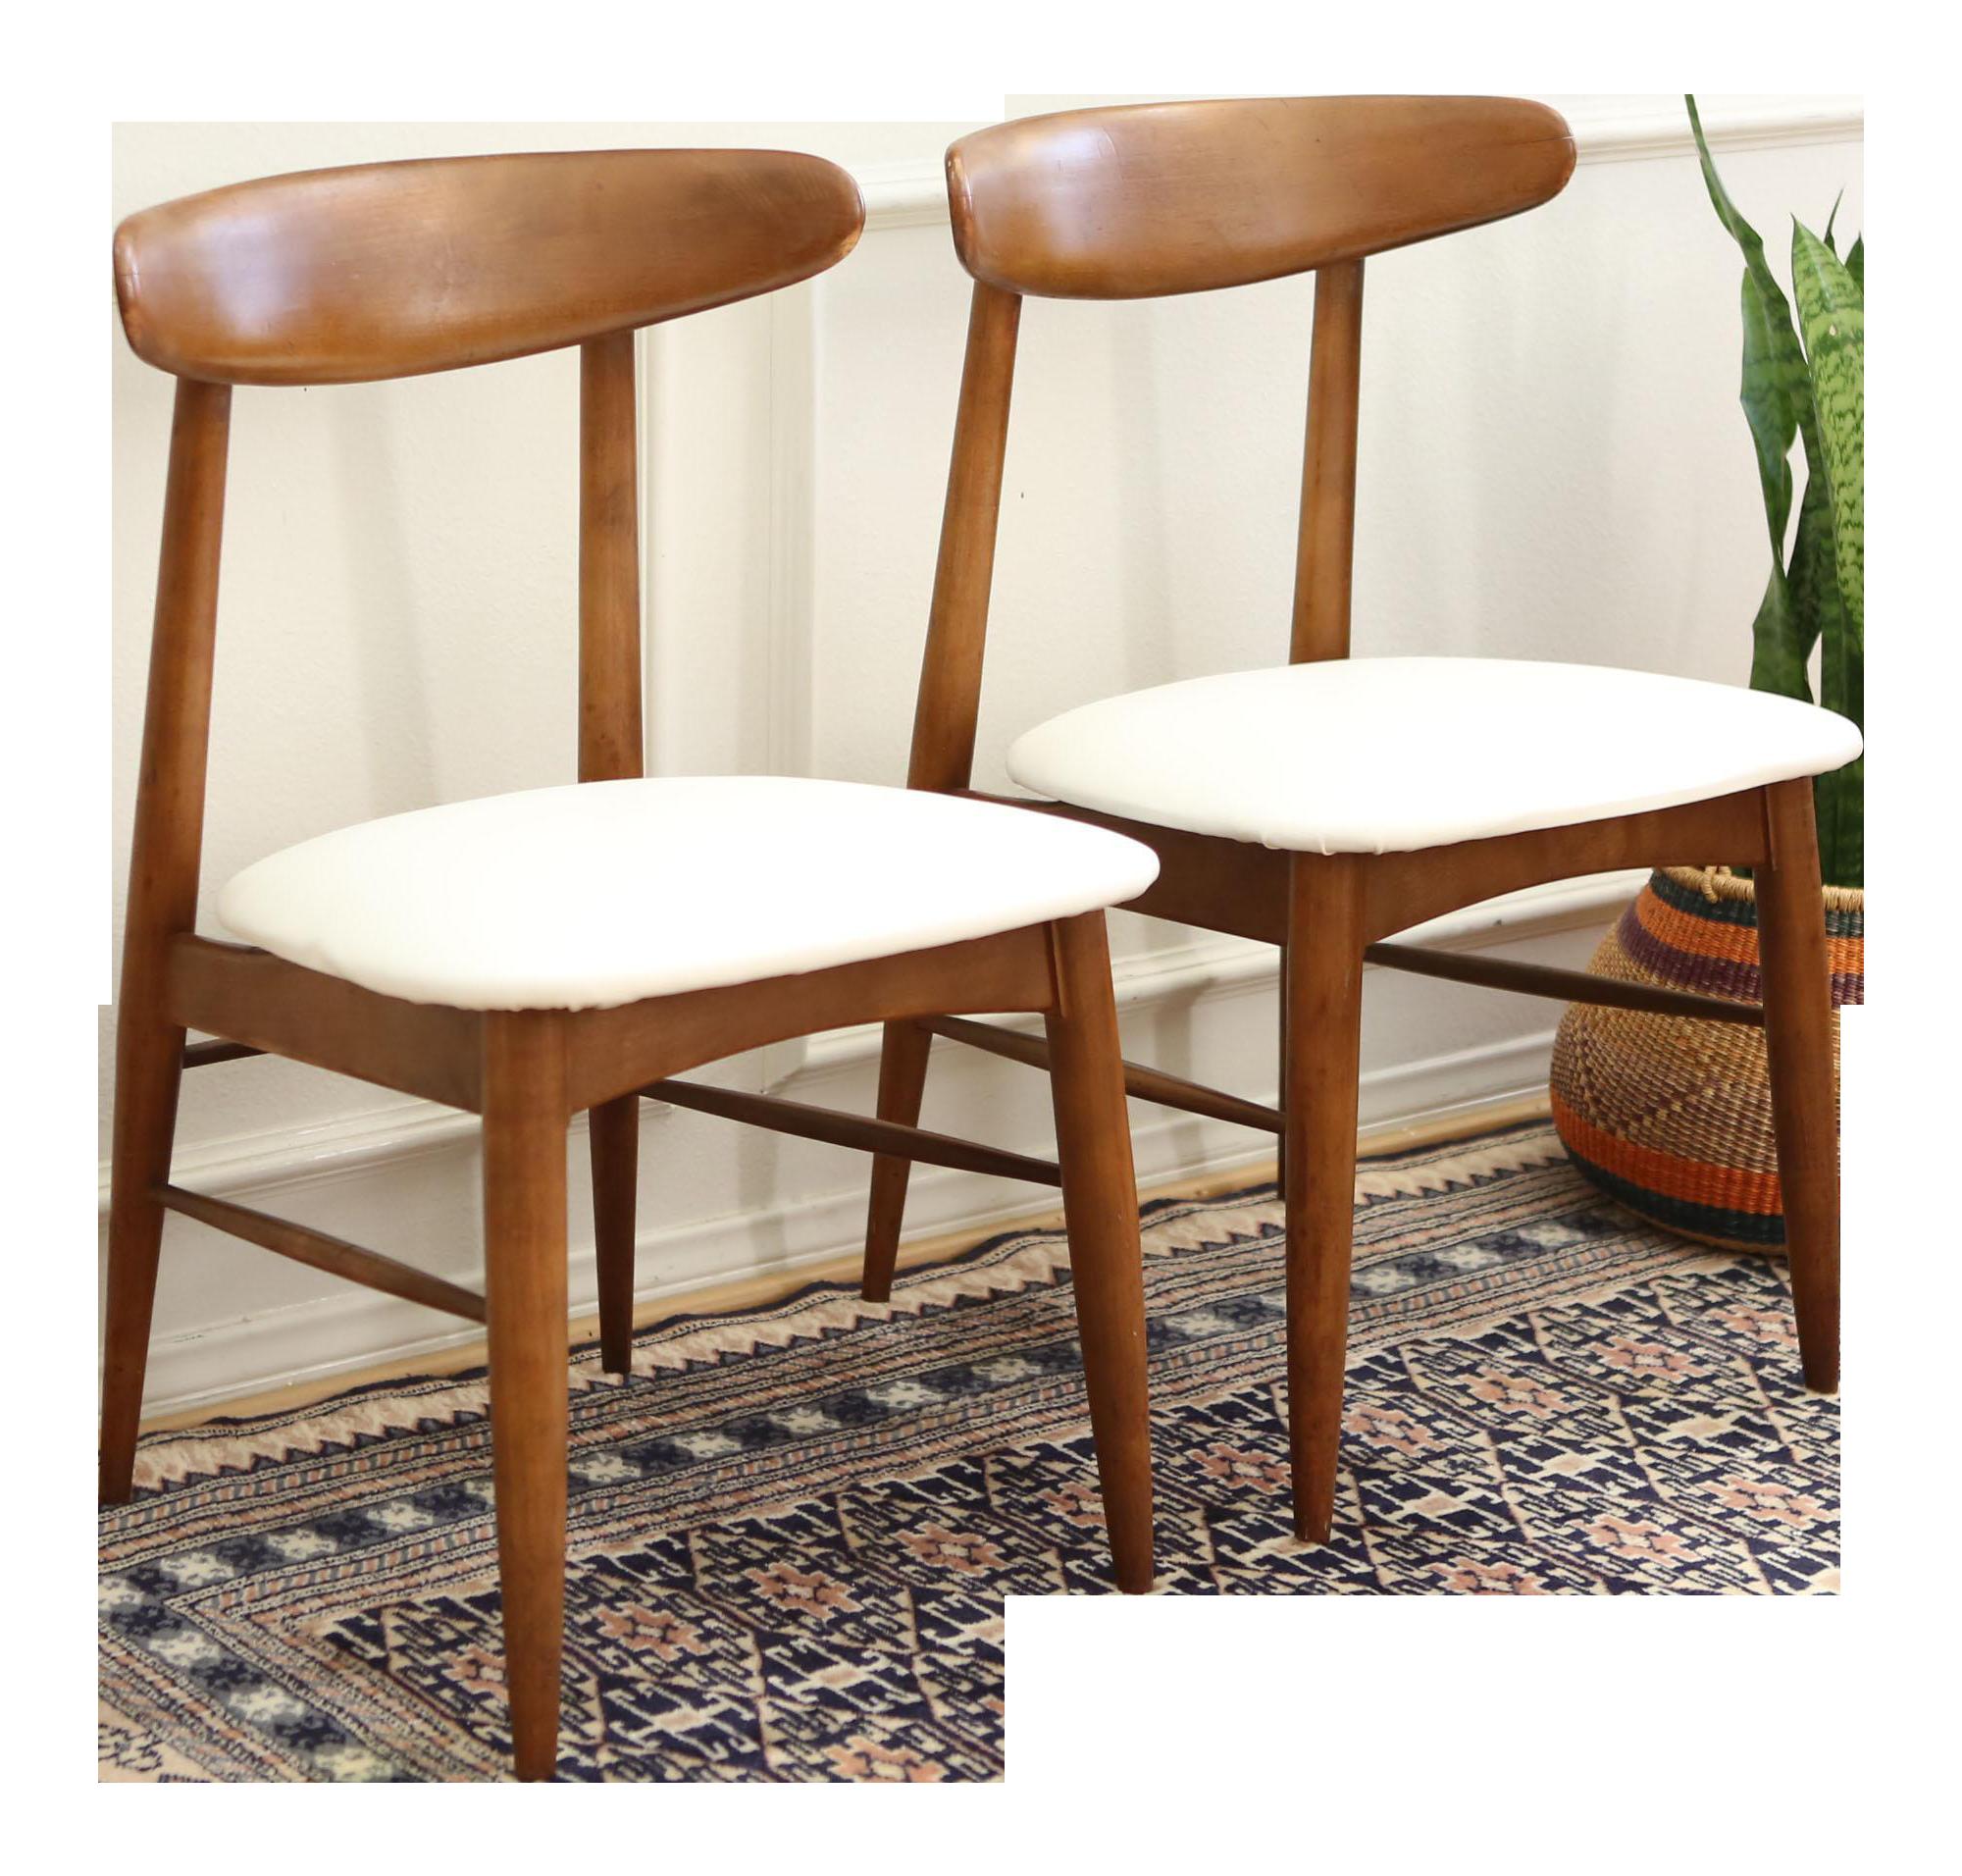 Remarkable Vintage Mid Century Modern Scandia Danish Teak Chair Pair Machost Co Dining Chair Design Ideas Machostcouk